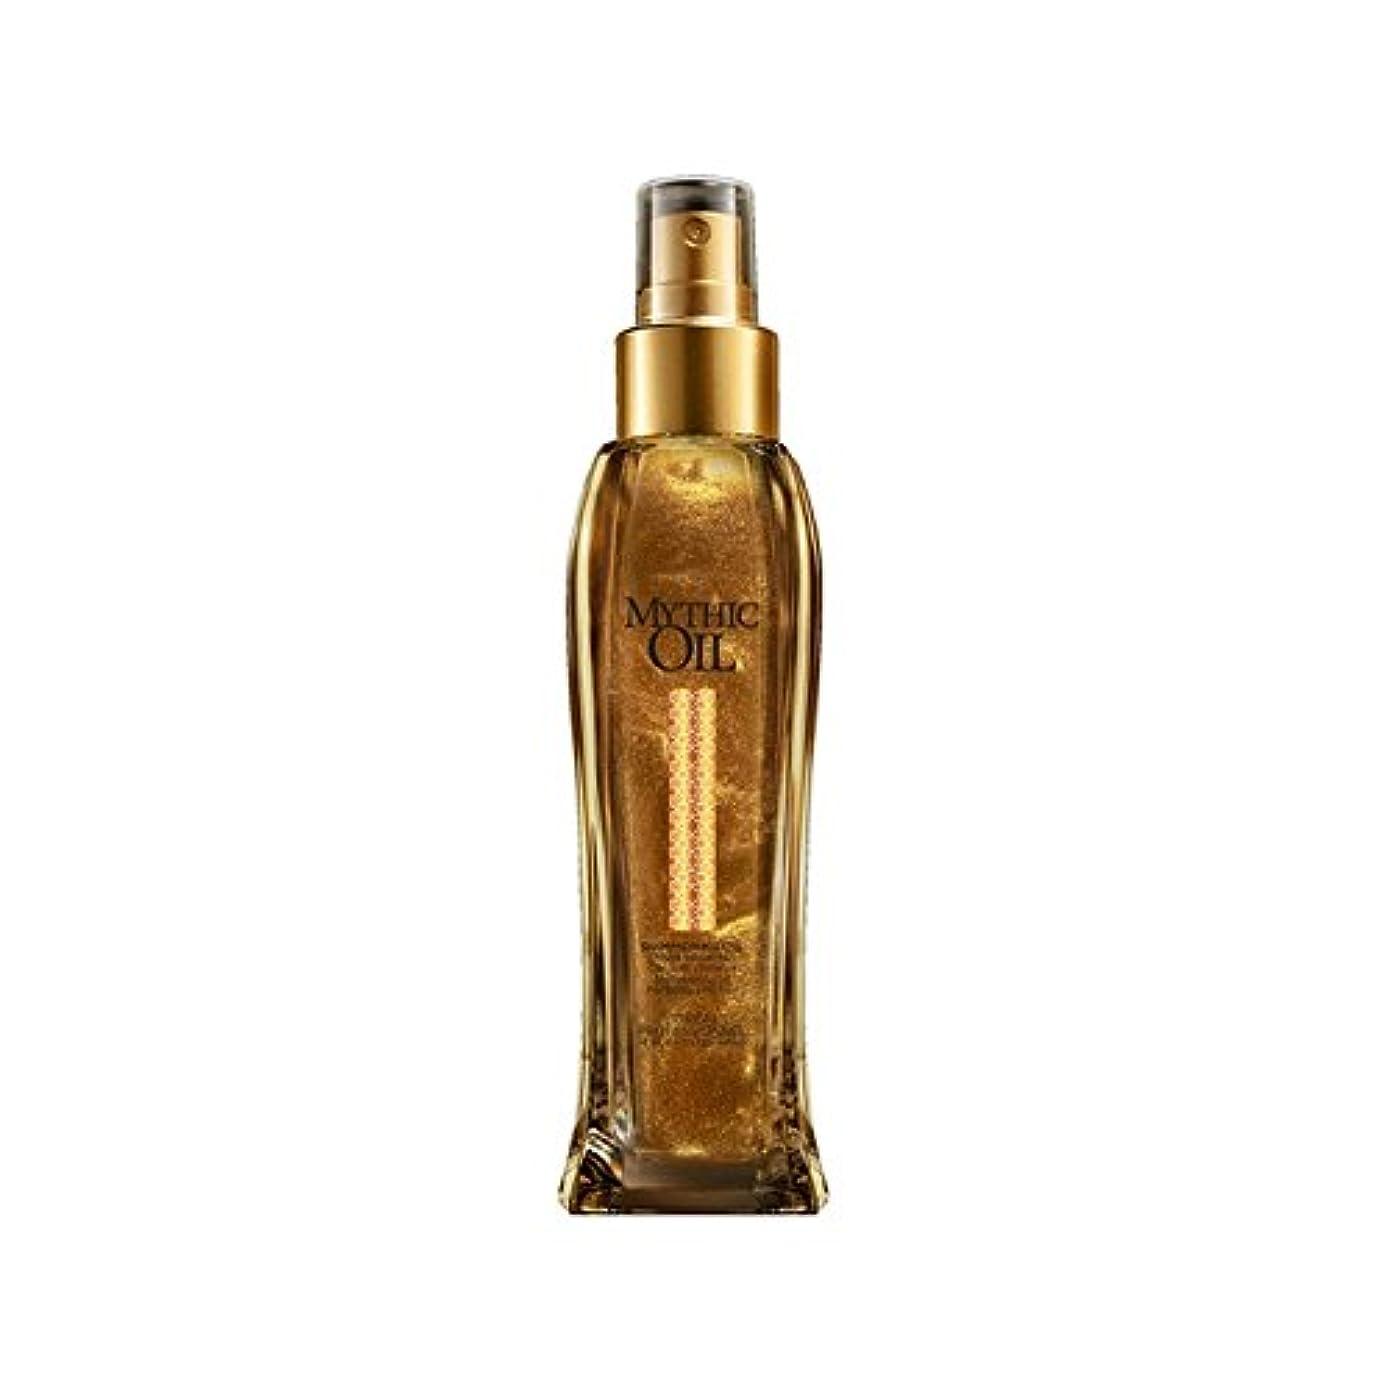 構成員義務付けられた土砂降りロレアルプロフェッショナルの神話油きらめくオイル(100ミリリットル) x2 - L'Oreal Professionnel Mythic Oil Shimmering Oil (100ml) (Pack of 2) [並行輸入品]